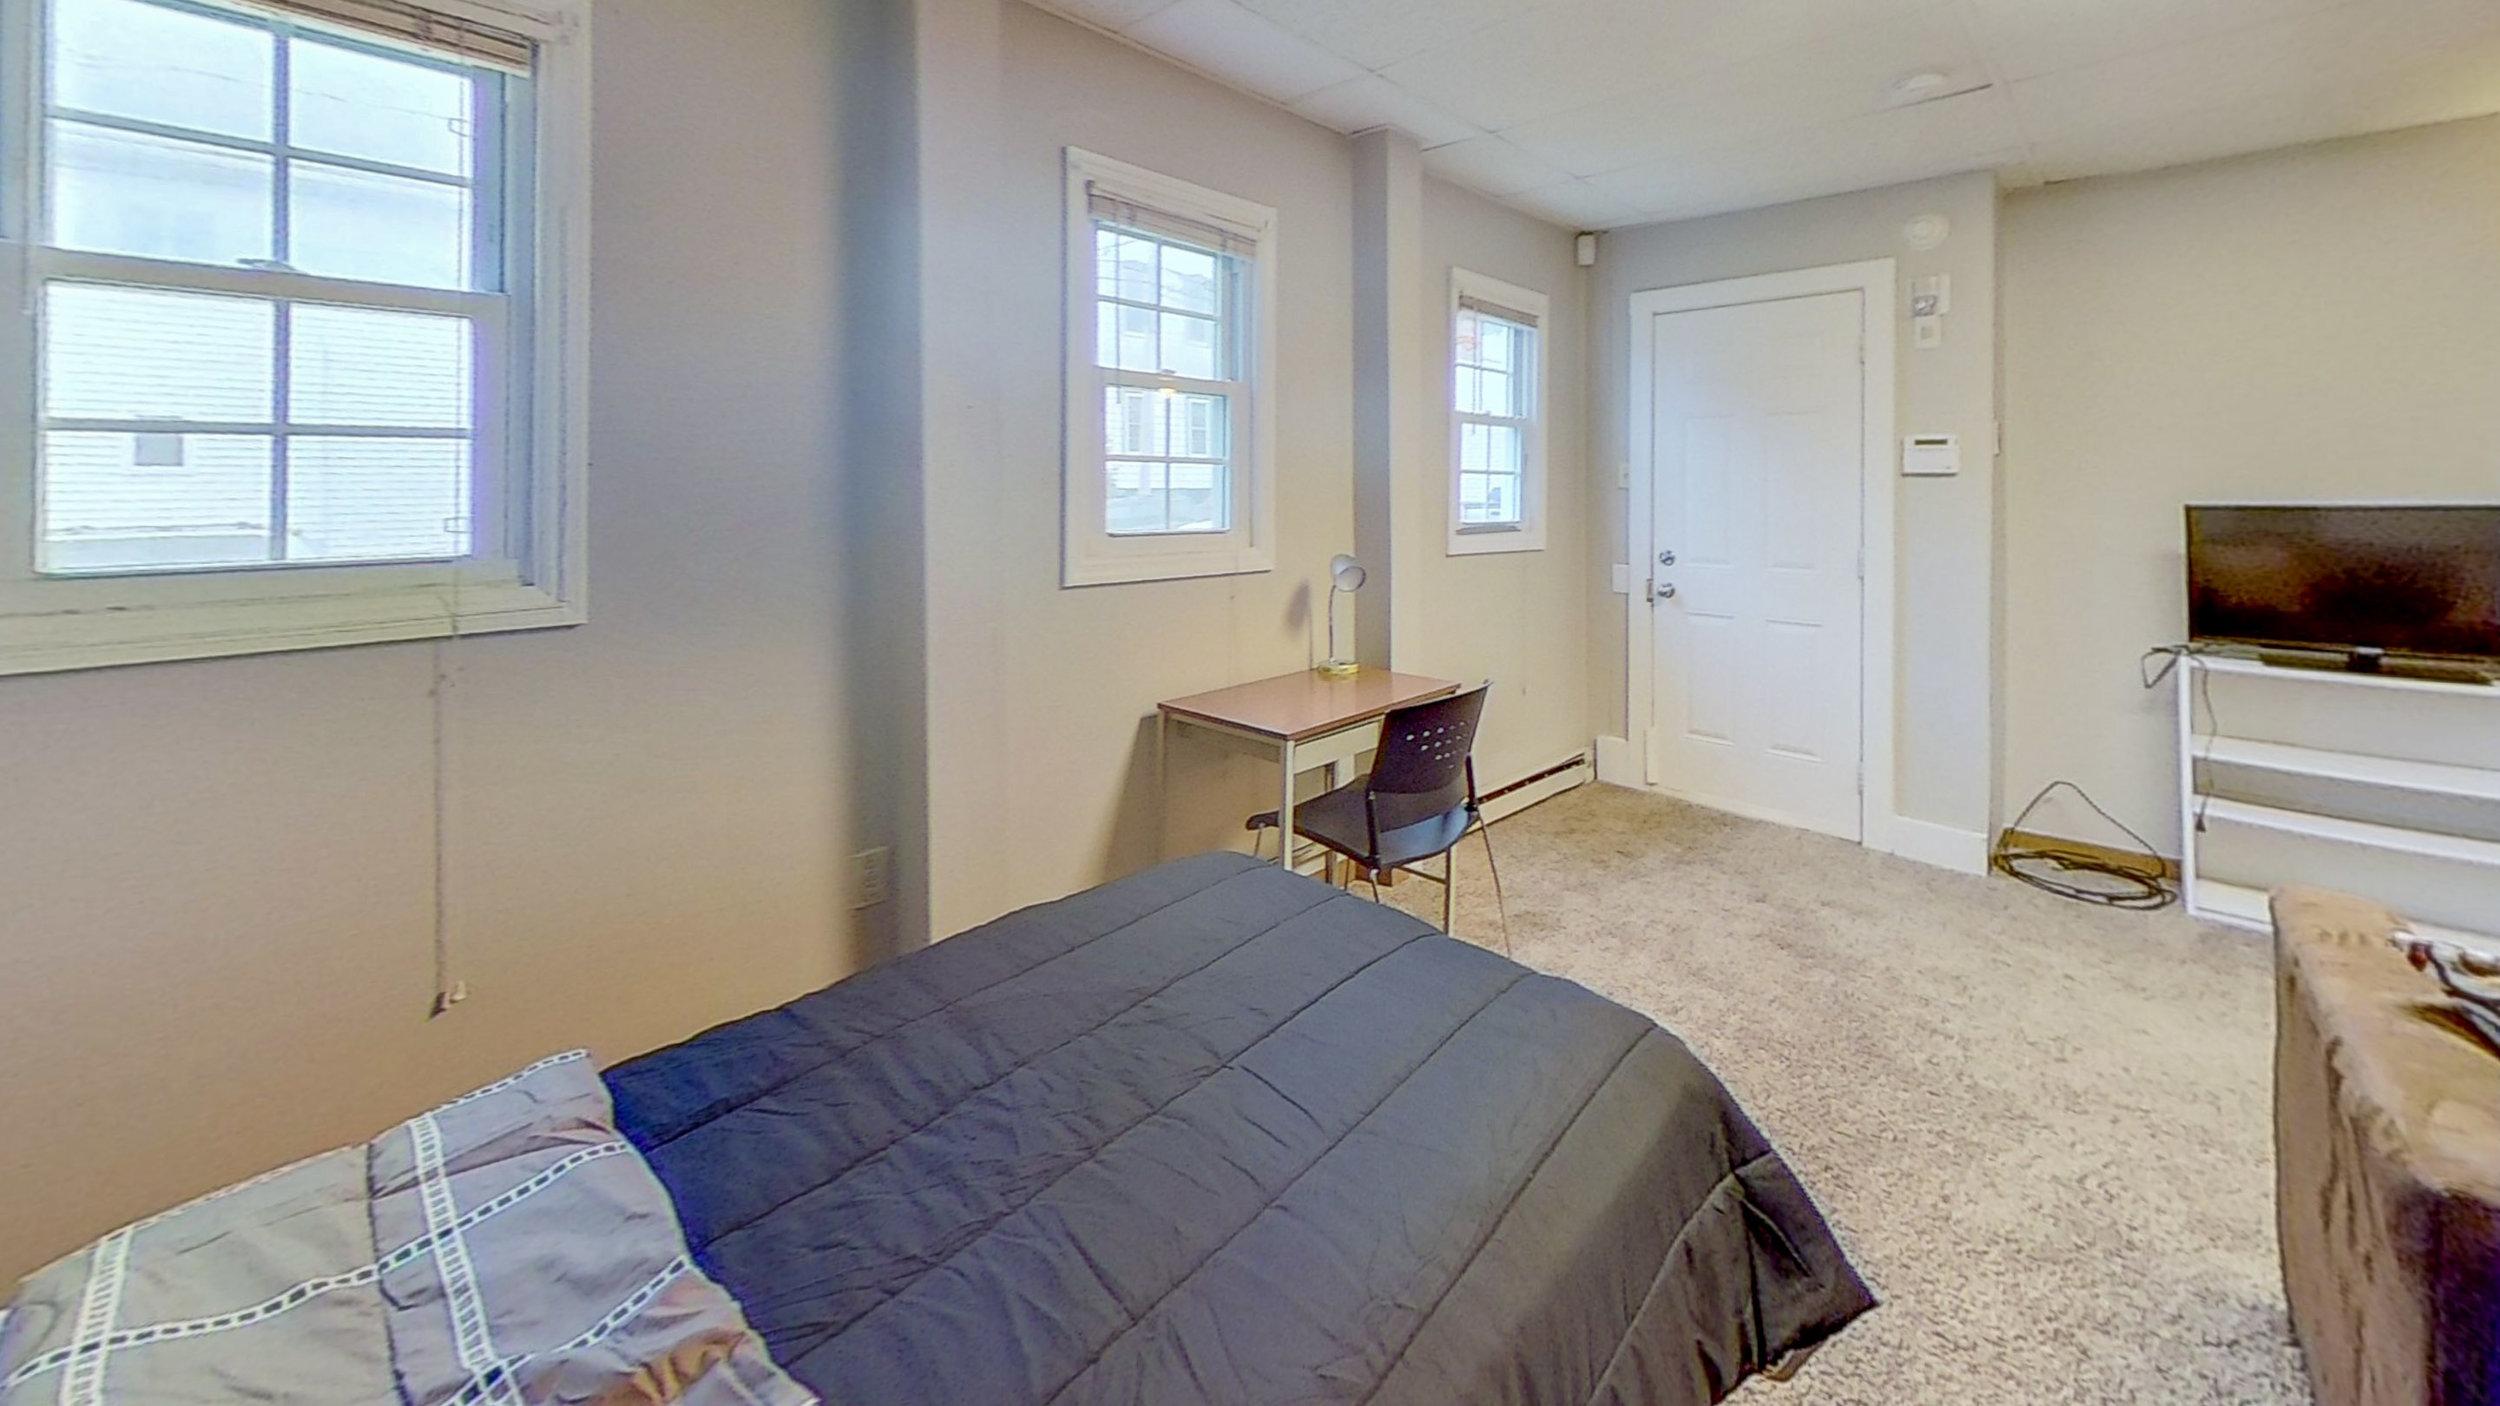 9-2223-14th-1-Bedroom(1).jpg